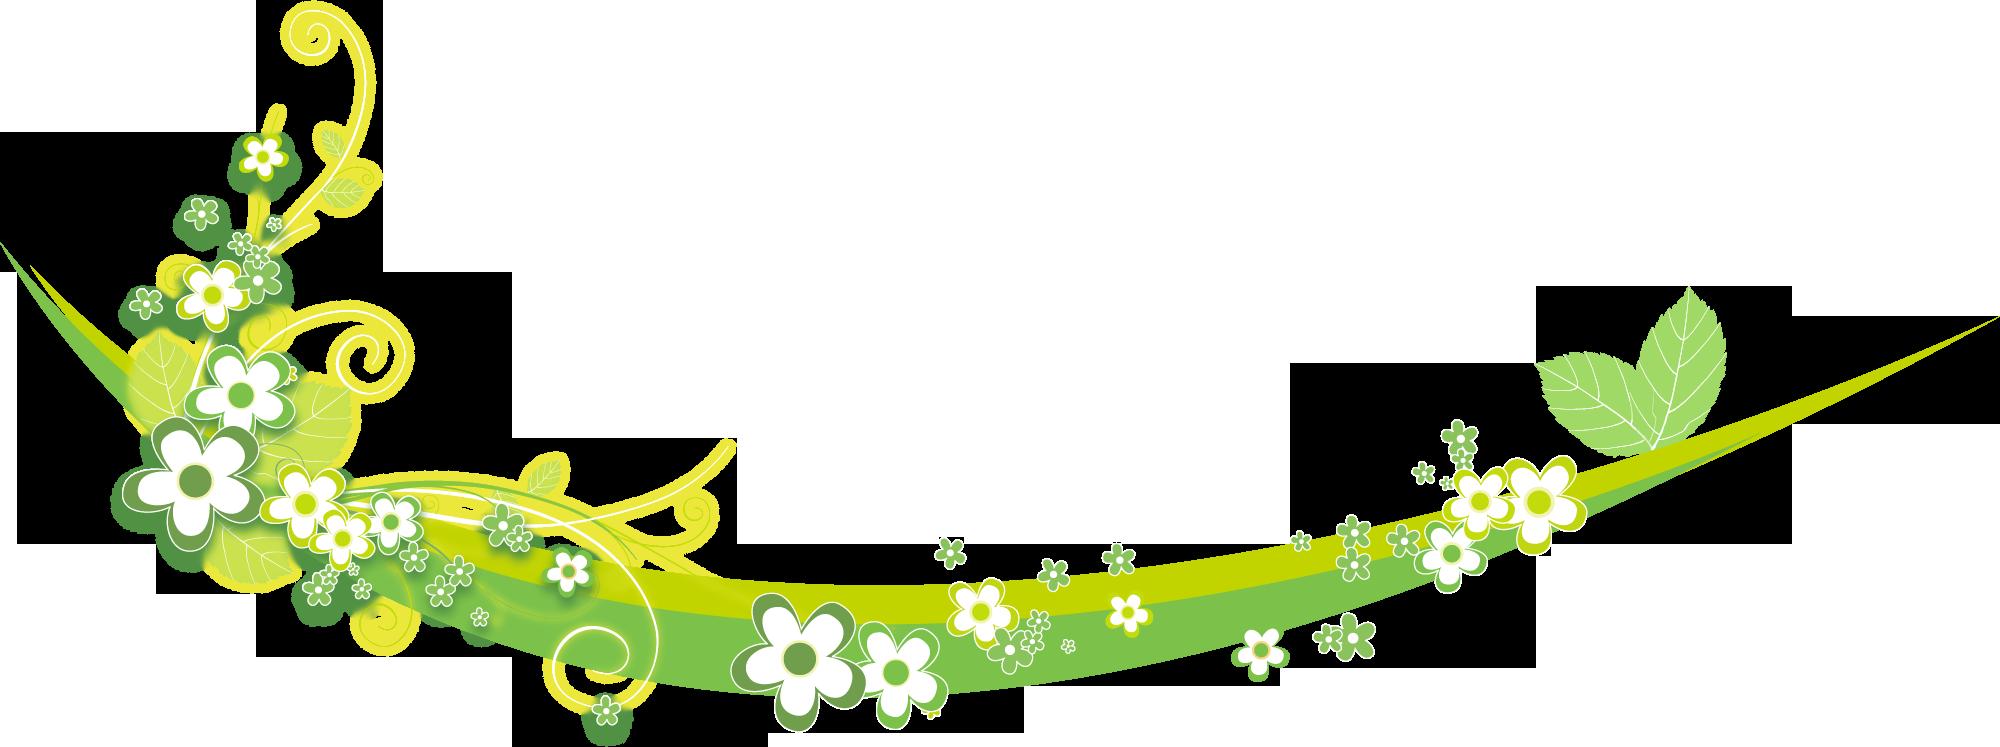 花のイラスト・フリー素材/フレーム枠no.102『黄緑・葉』